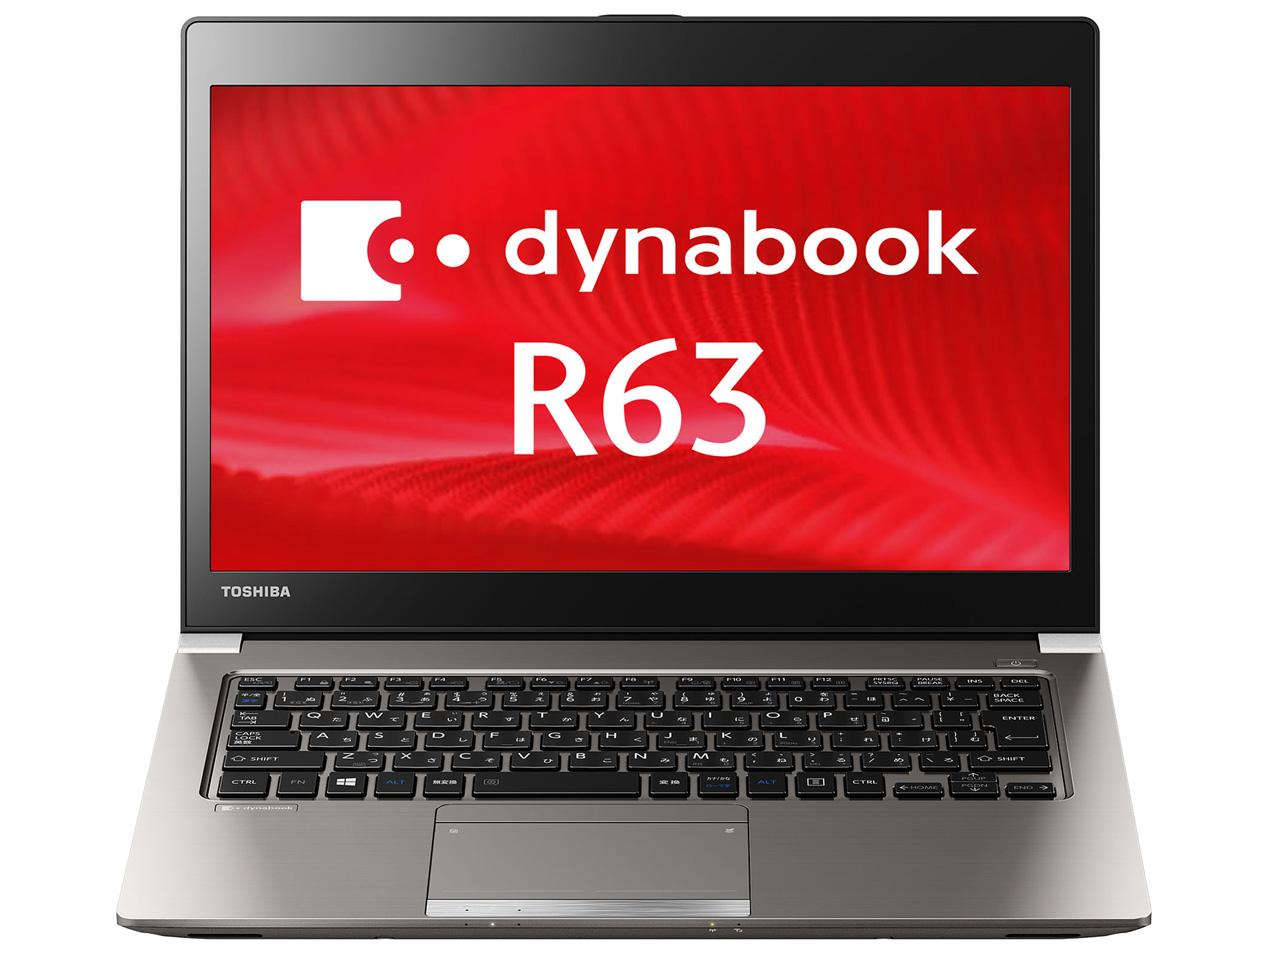 【500円クーポン使えます!】中古ノートパソコンTOSHIBA dynabook R63/P PR63PBAA637AD71 【中古】 TOSHIBA dynabook R63/P 中古ノートパソコンCore i5 Win7 Pro TOSHIBA dynabook R63/P 中古ノートパソコンCore i5 Win7 Pro